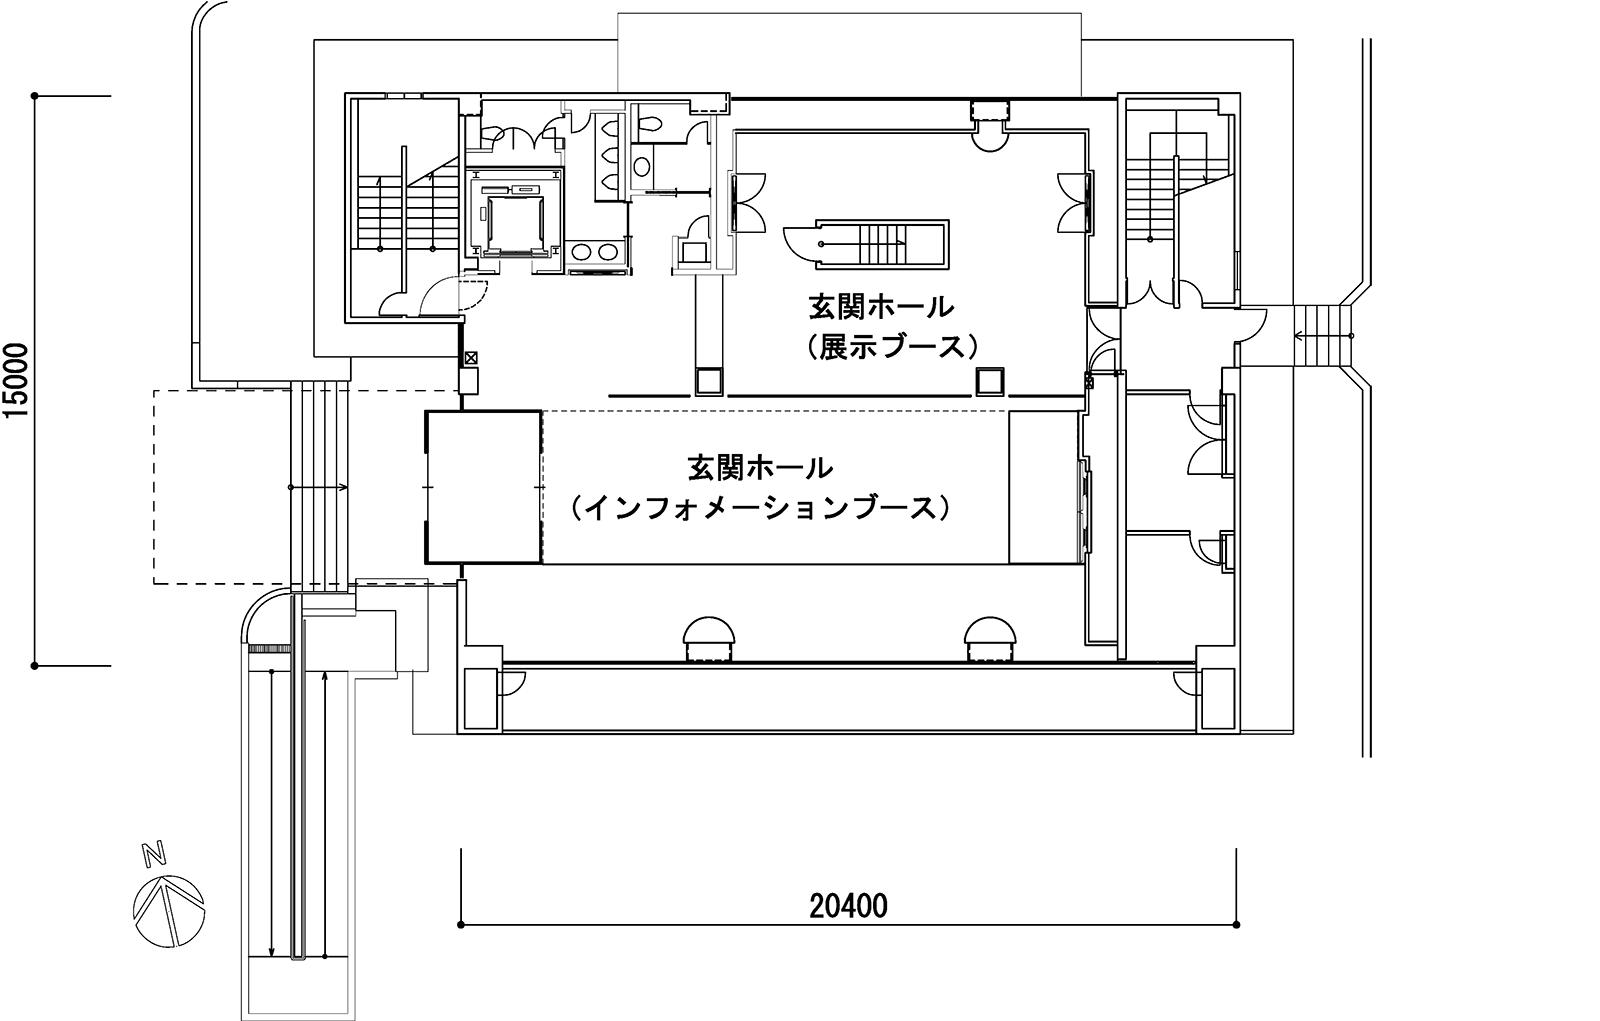 1階平面図。改修前にトイレがあった部分にエレベーターを新設し、トイレを移設拡張した。3、4階の執務フロアでは南側に個人席を並べ、北側に人が集まりやすい共用スペースを配した(資料:奥村組)